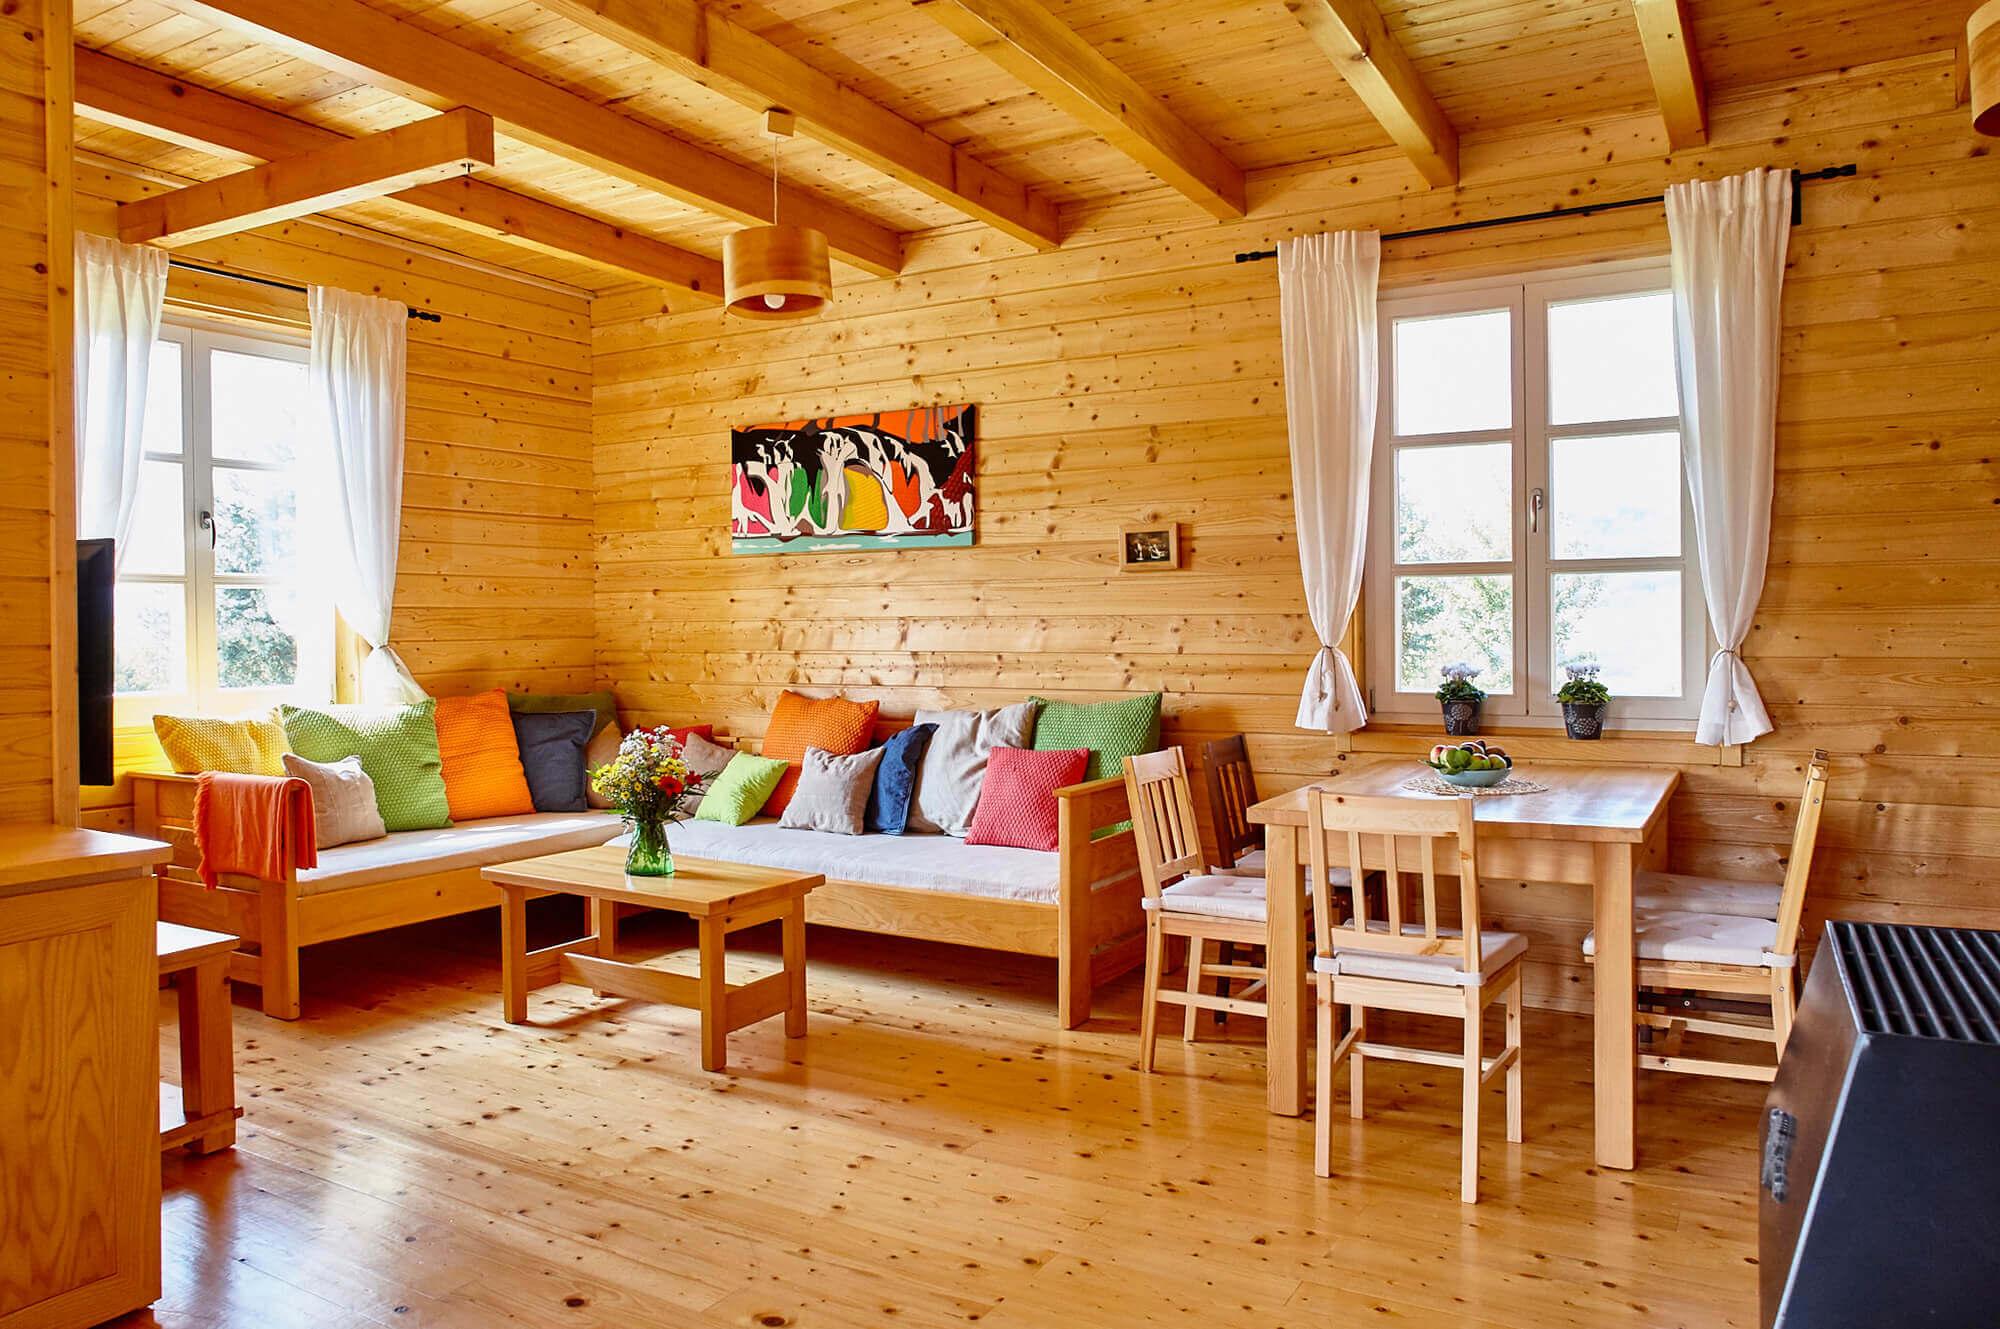 ljepotu i miris šume prenijeli smo u našu drvenu kuću-temelj zdravog življenja